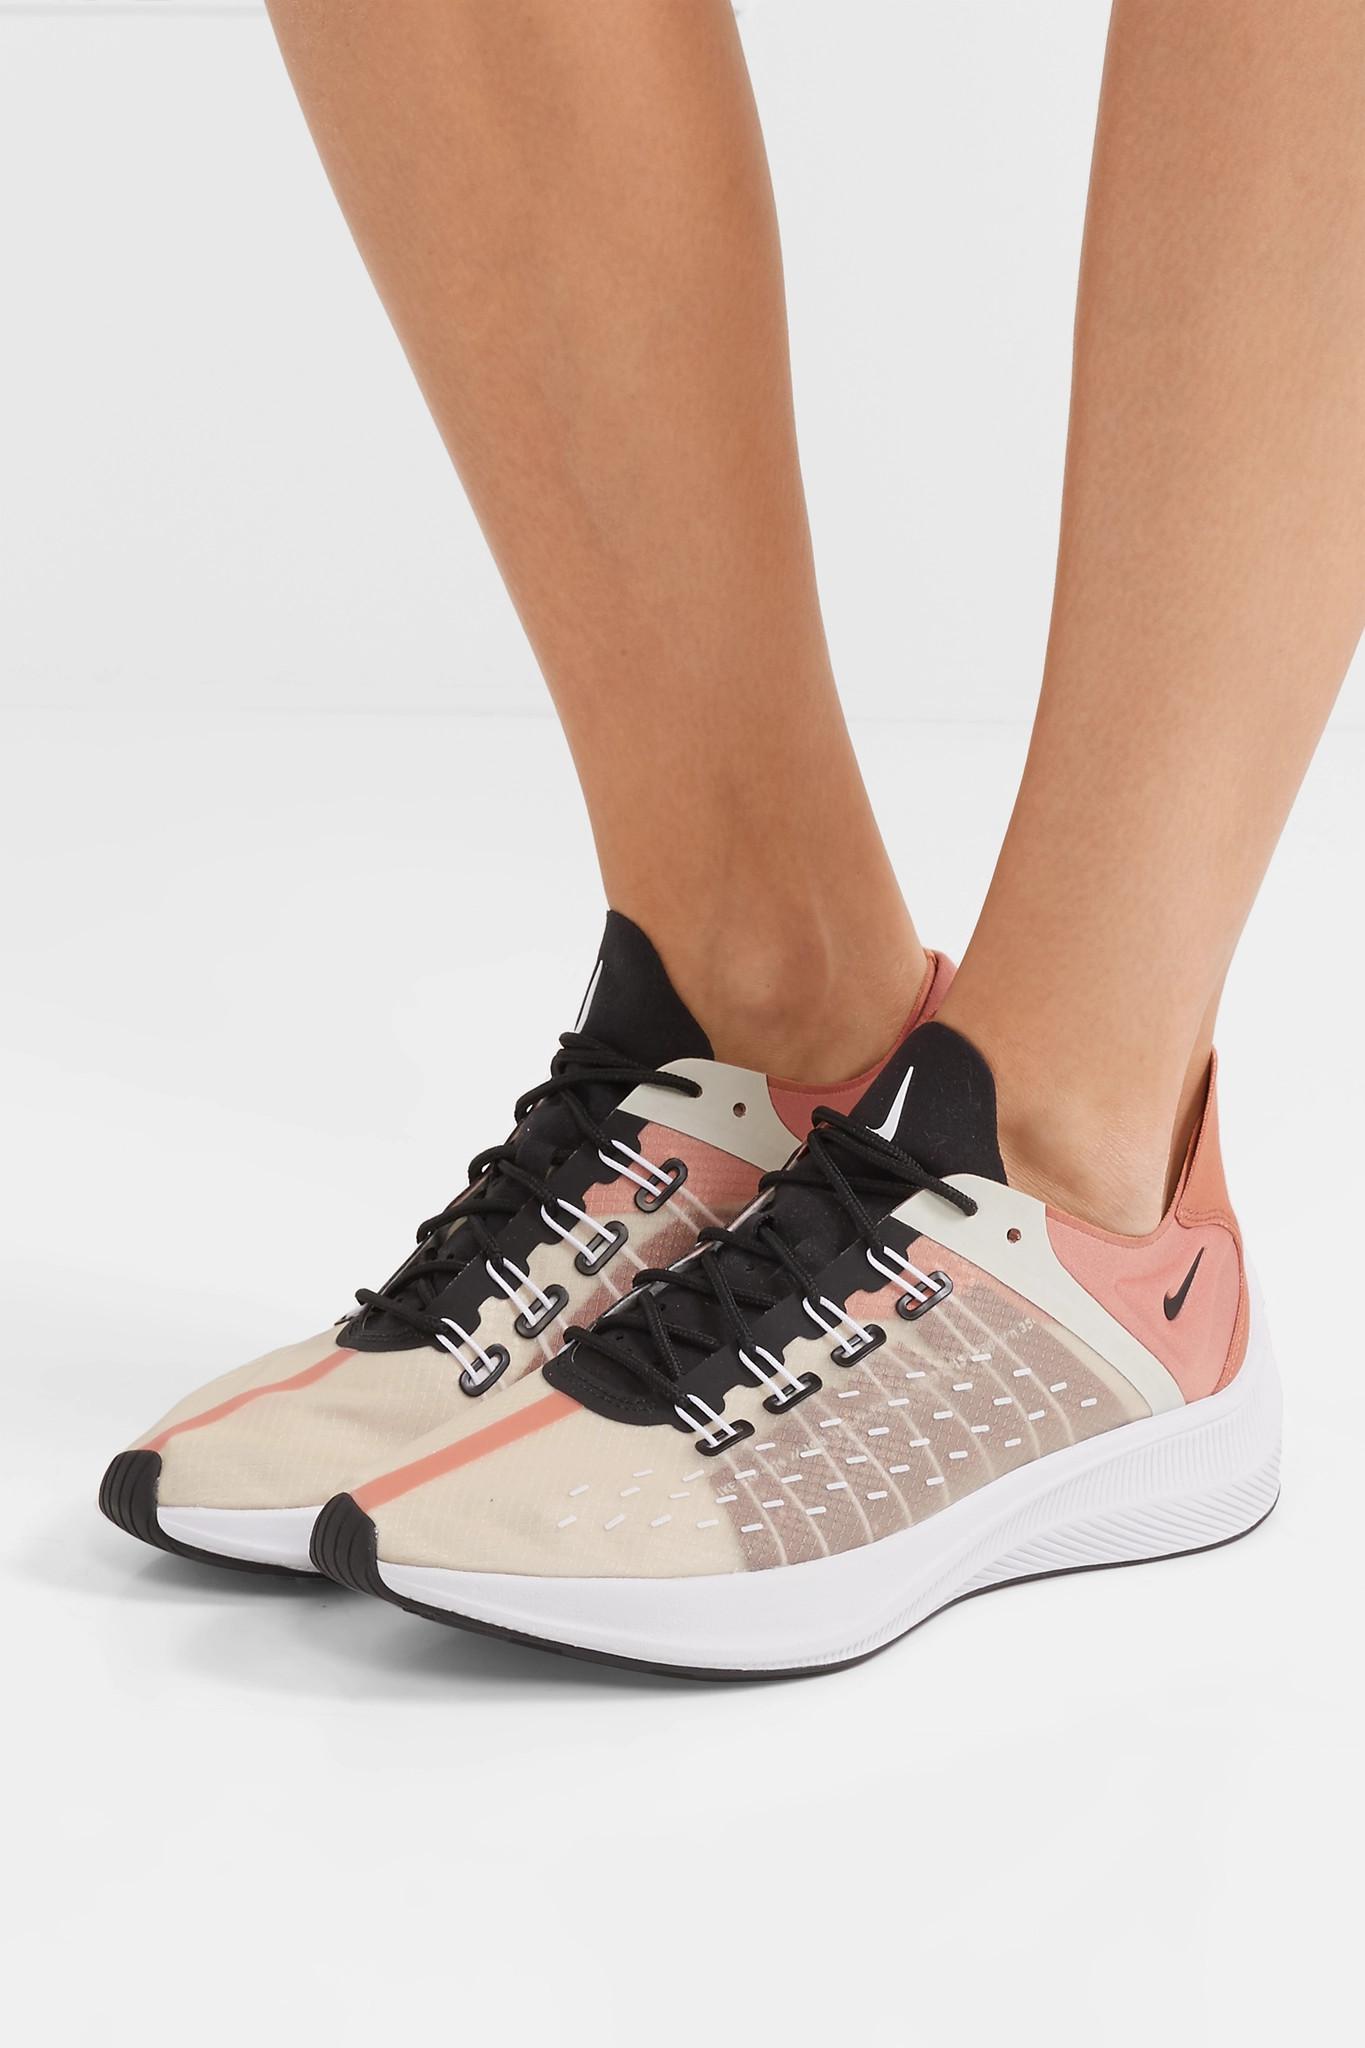 Nike Women's Future Fast Racer Low